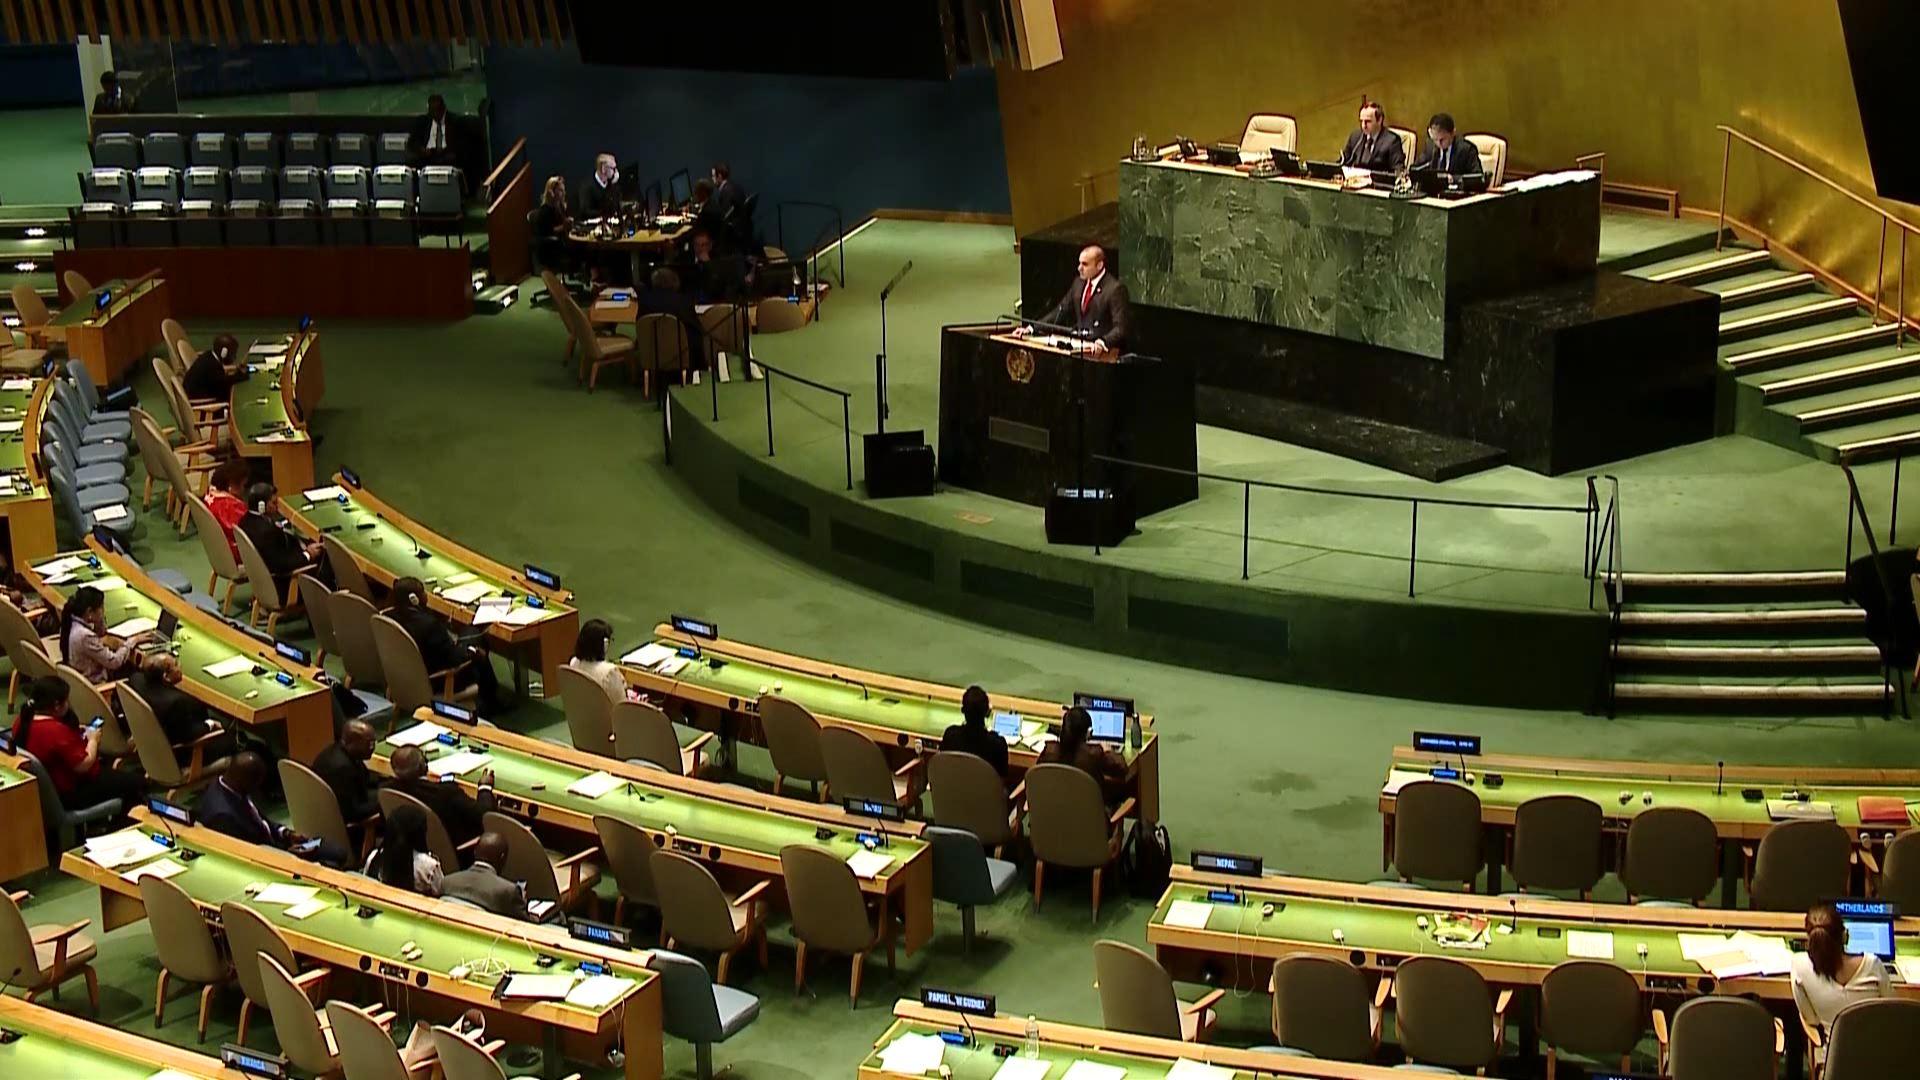 საქართველოს პრემიერ-მინისტრის გამოსვლა გენერალური ასამბლეის სესიაზე